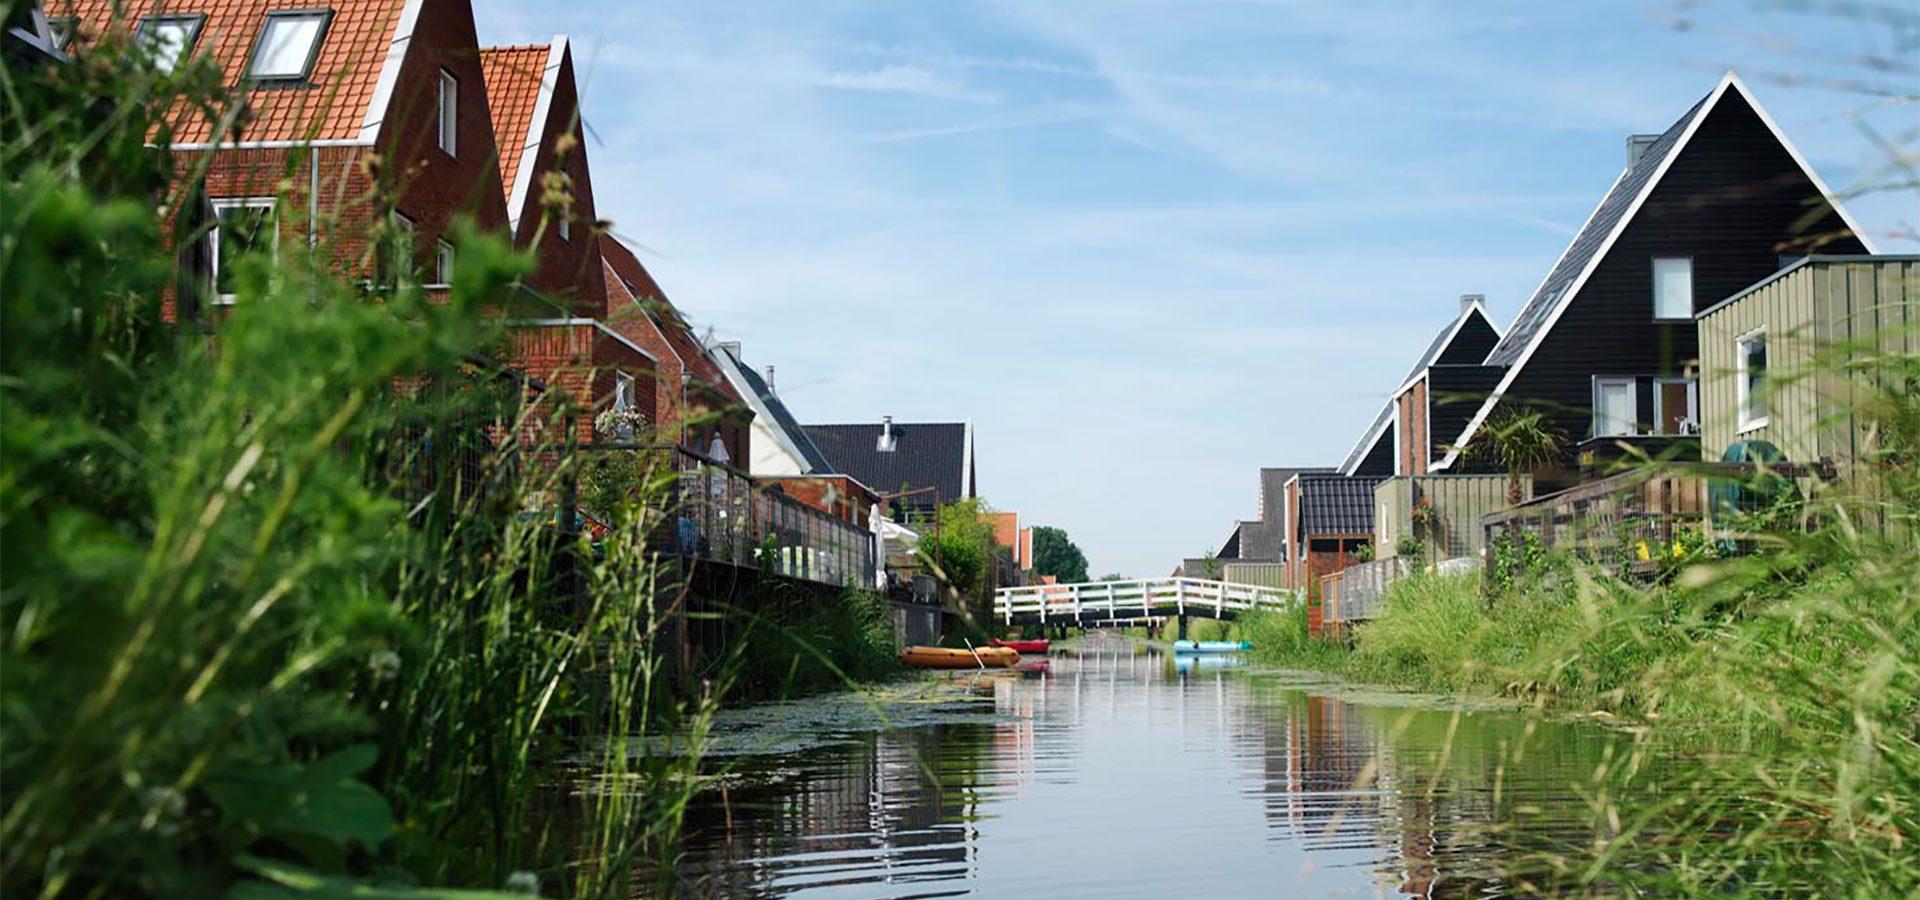 FARO architecten Ypenburg Biesland Den Haag 01